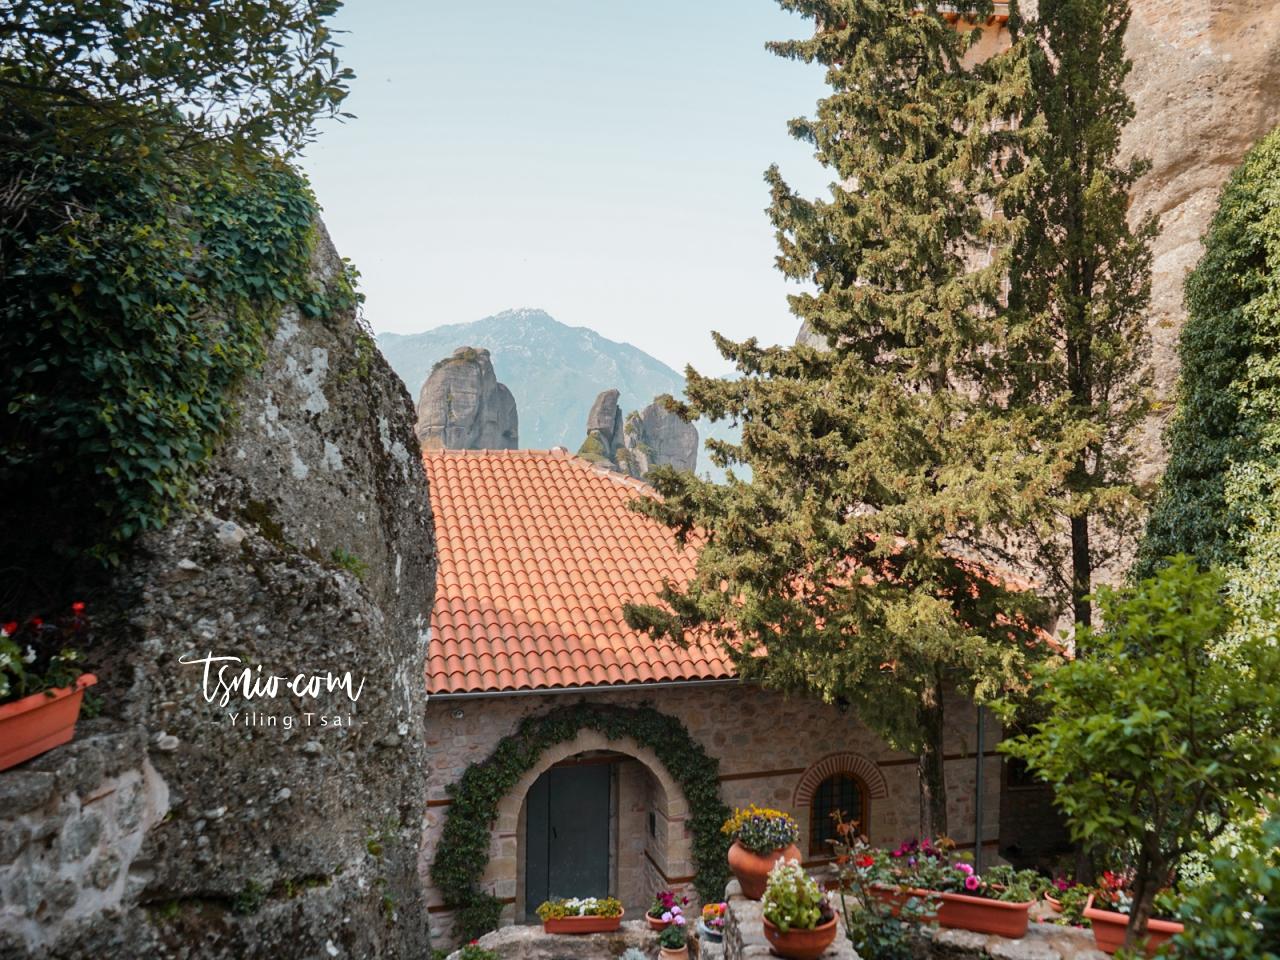 希臘梅特歐拉修道院 Holy Monastery of Rousanou 魯莎努修道院